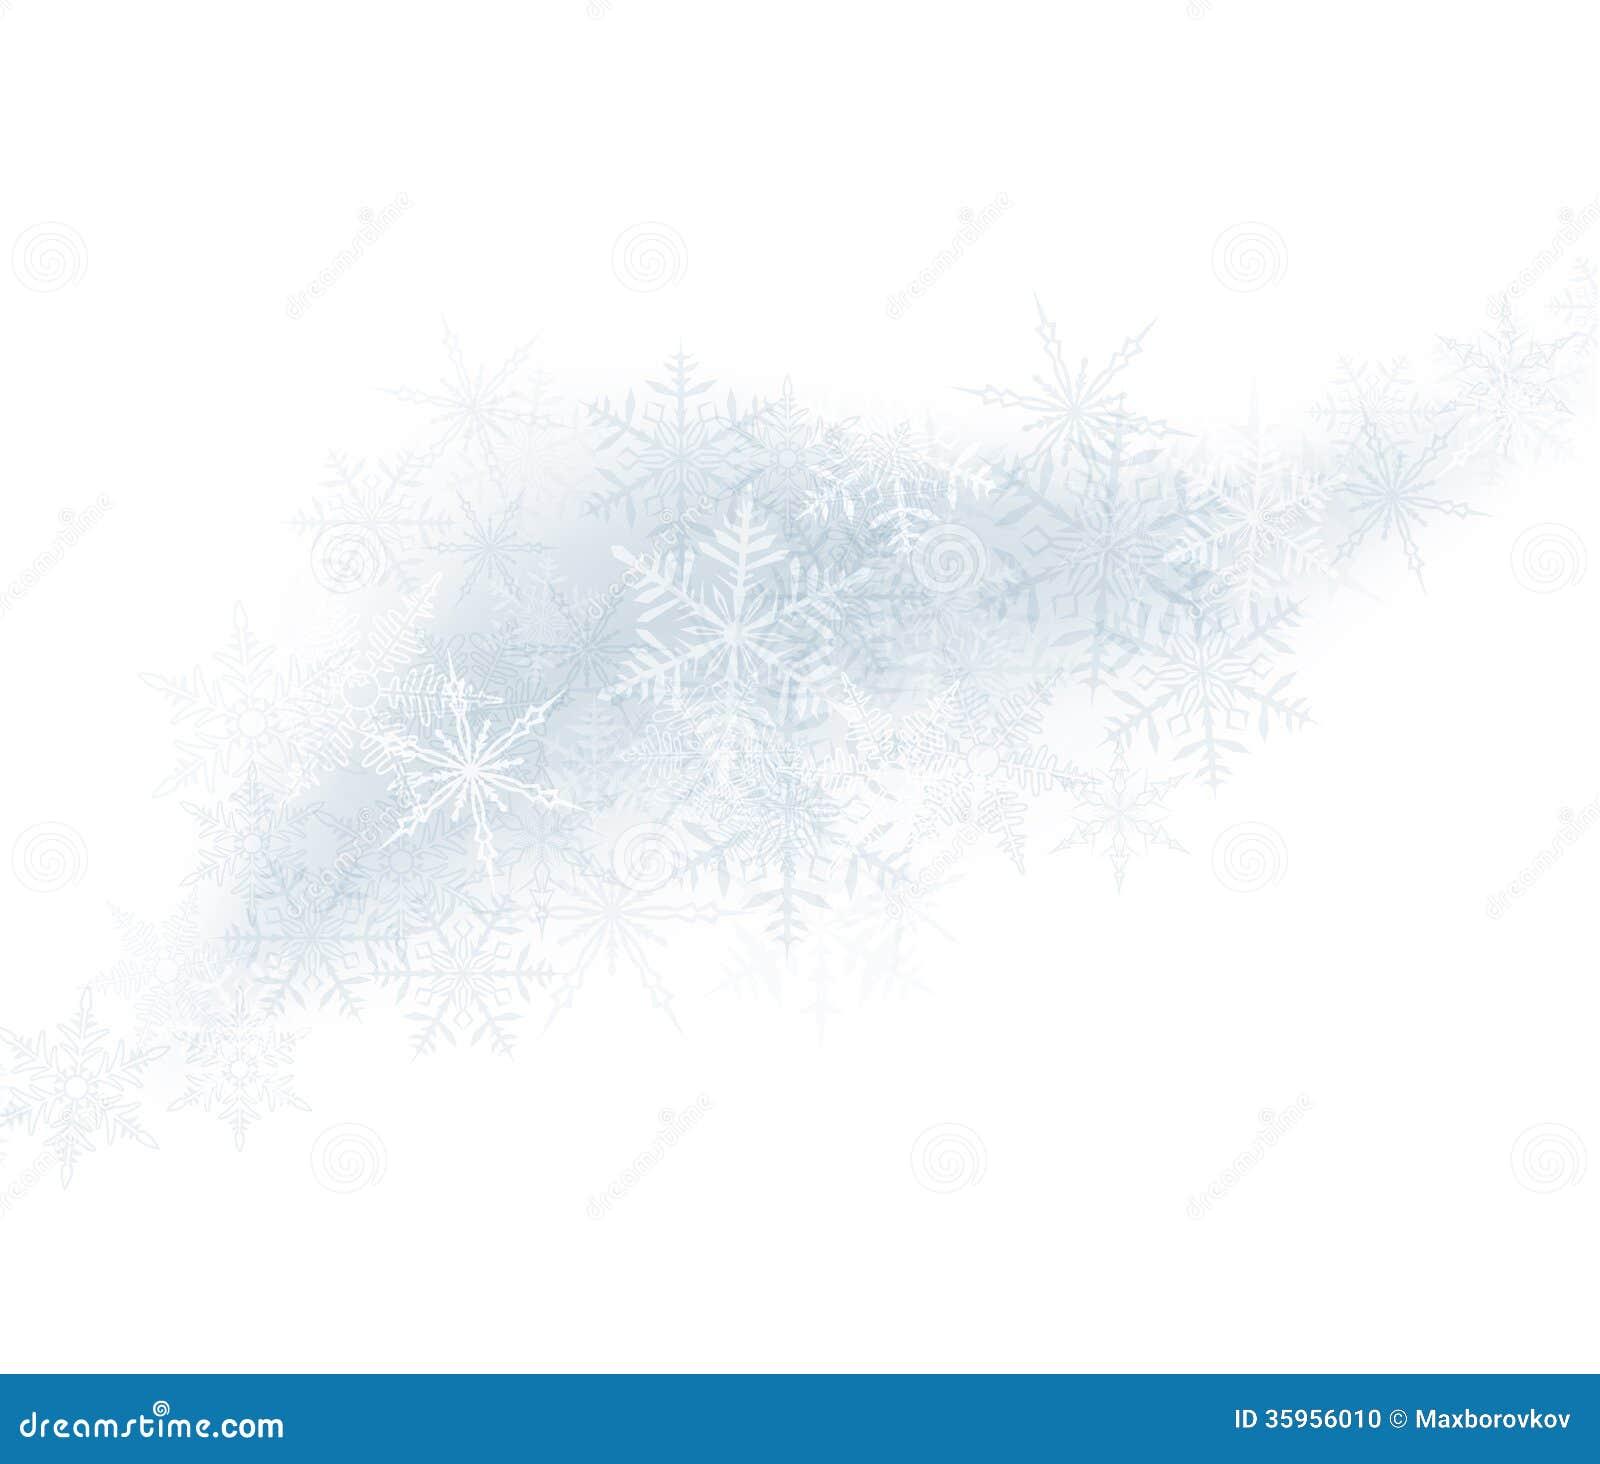 Fondo de la Navidad con los copos de nieve crystallic.